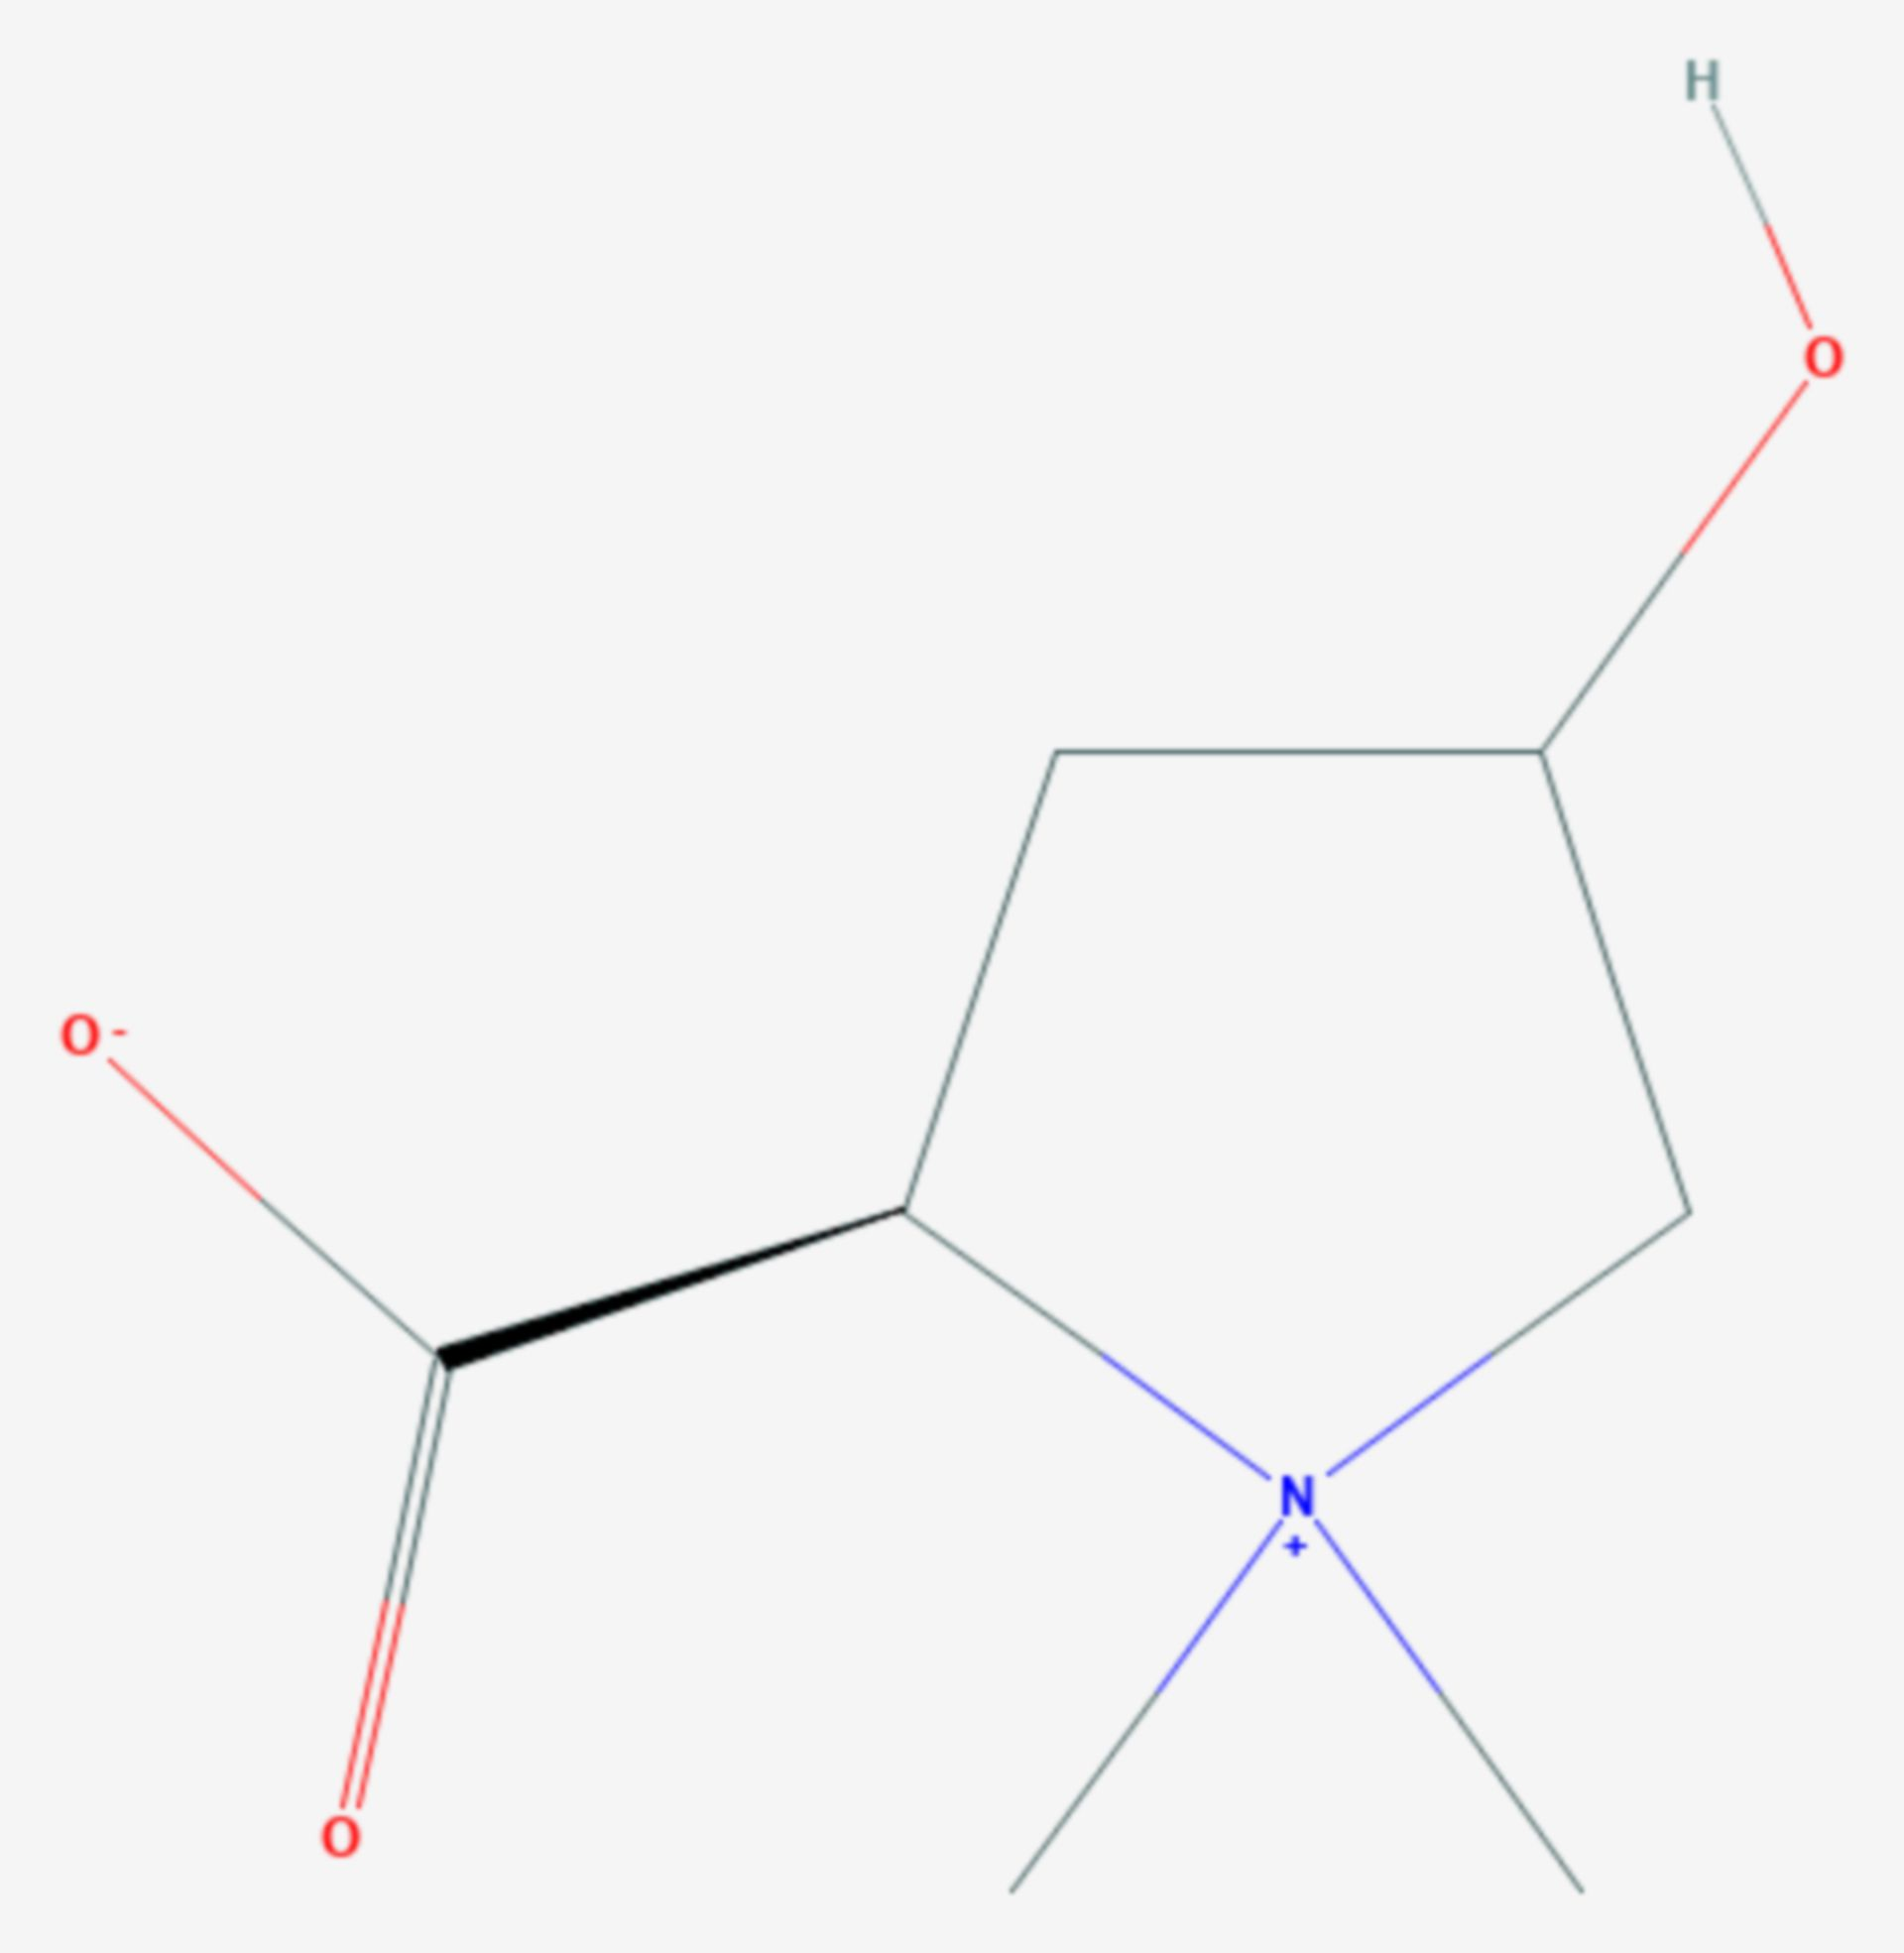 Achillein (Strukturformel)